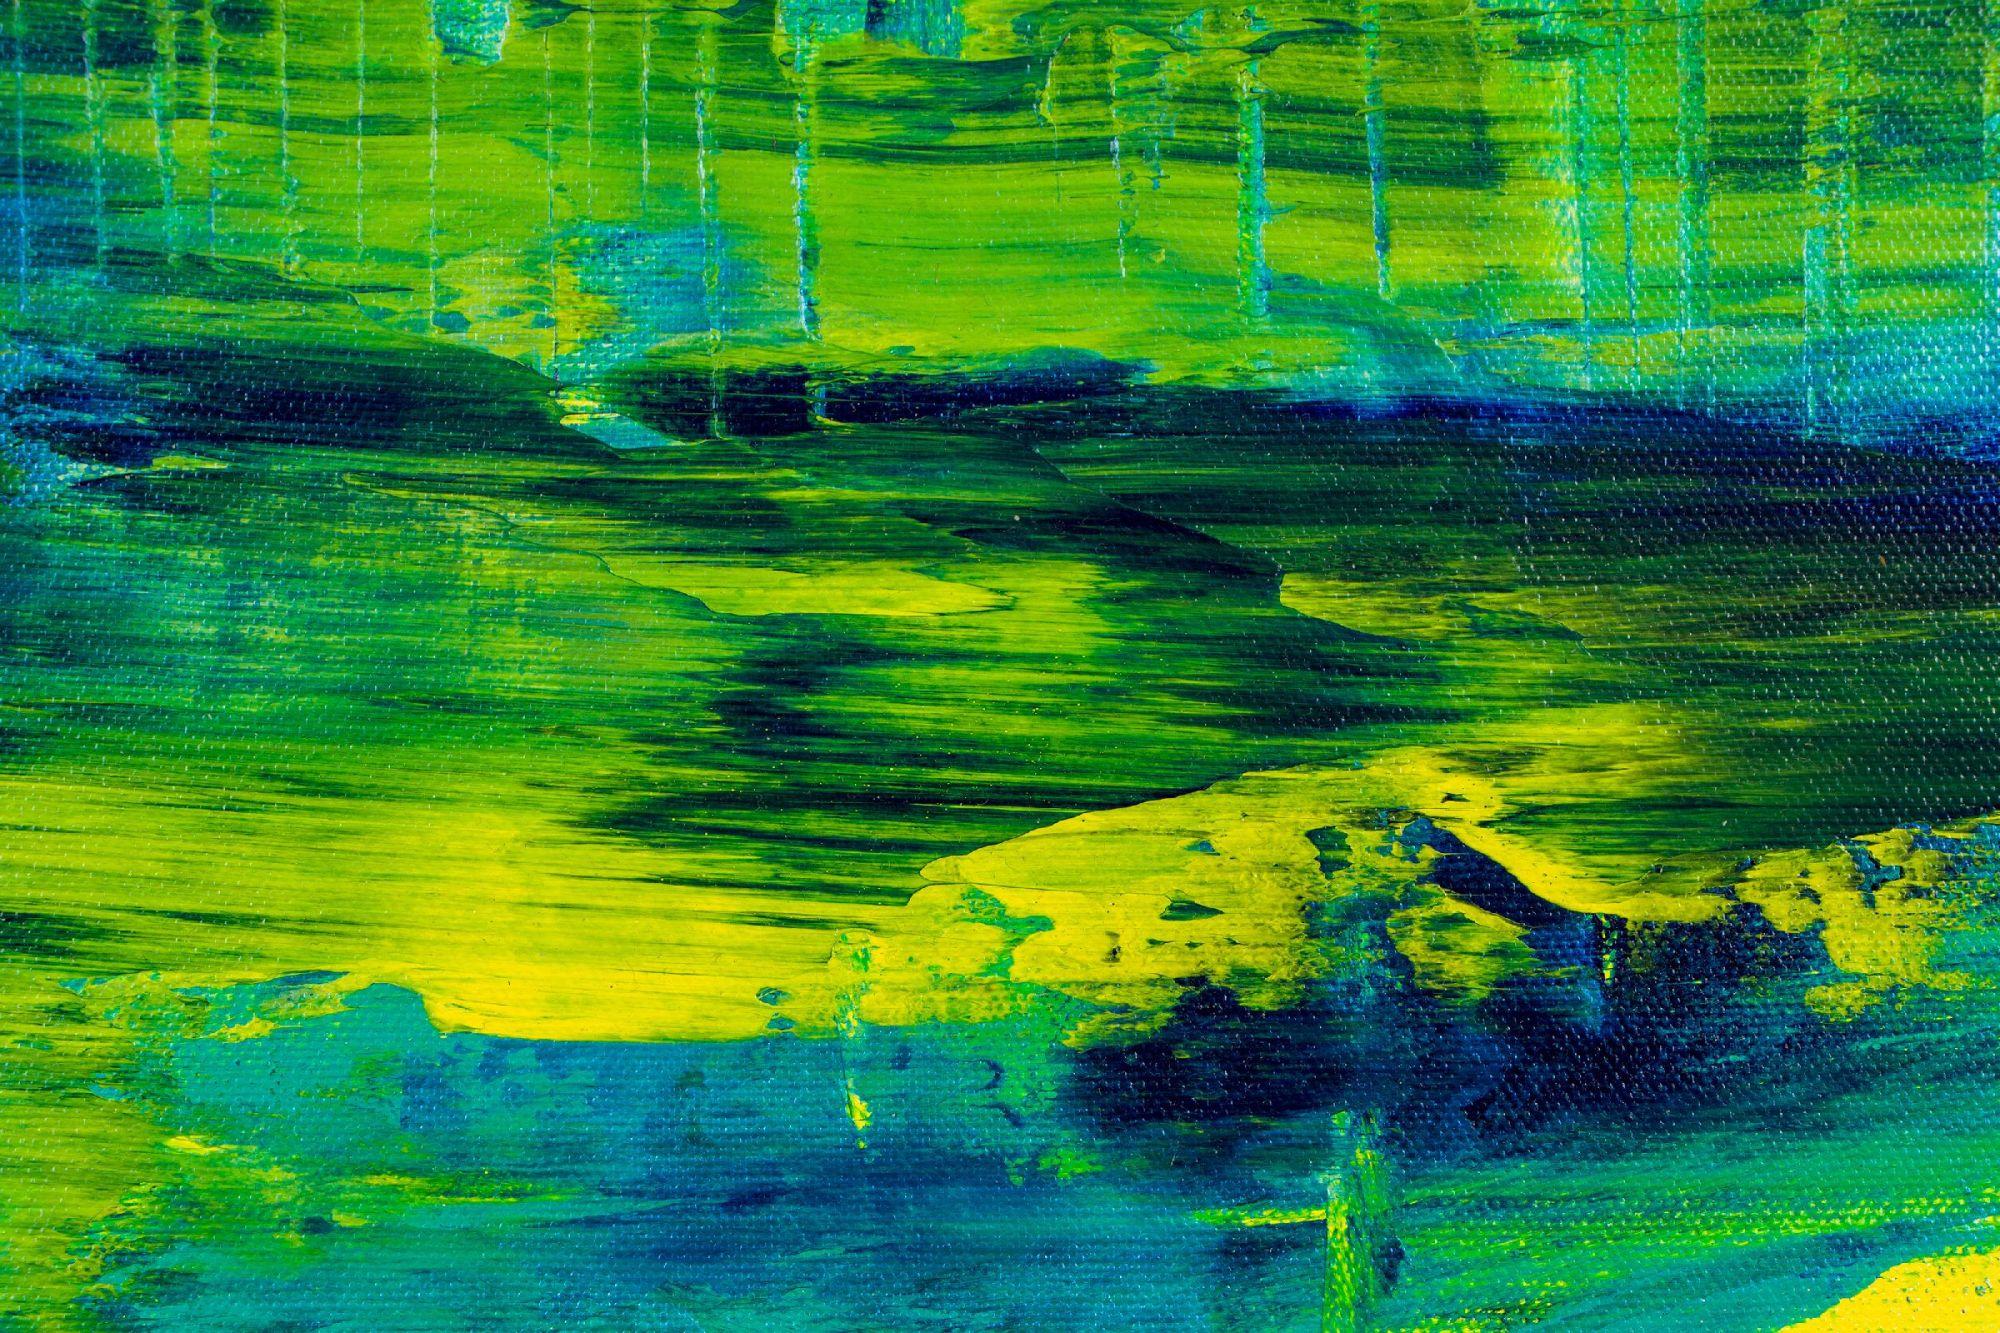 Detail - SOLD / Mountain Terrain (Sunset - Sunrise) 2020 by Nestor Toro / SOLD